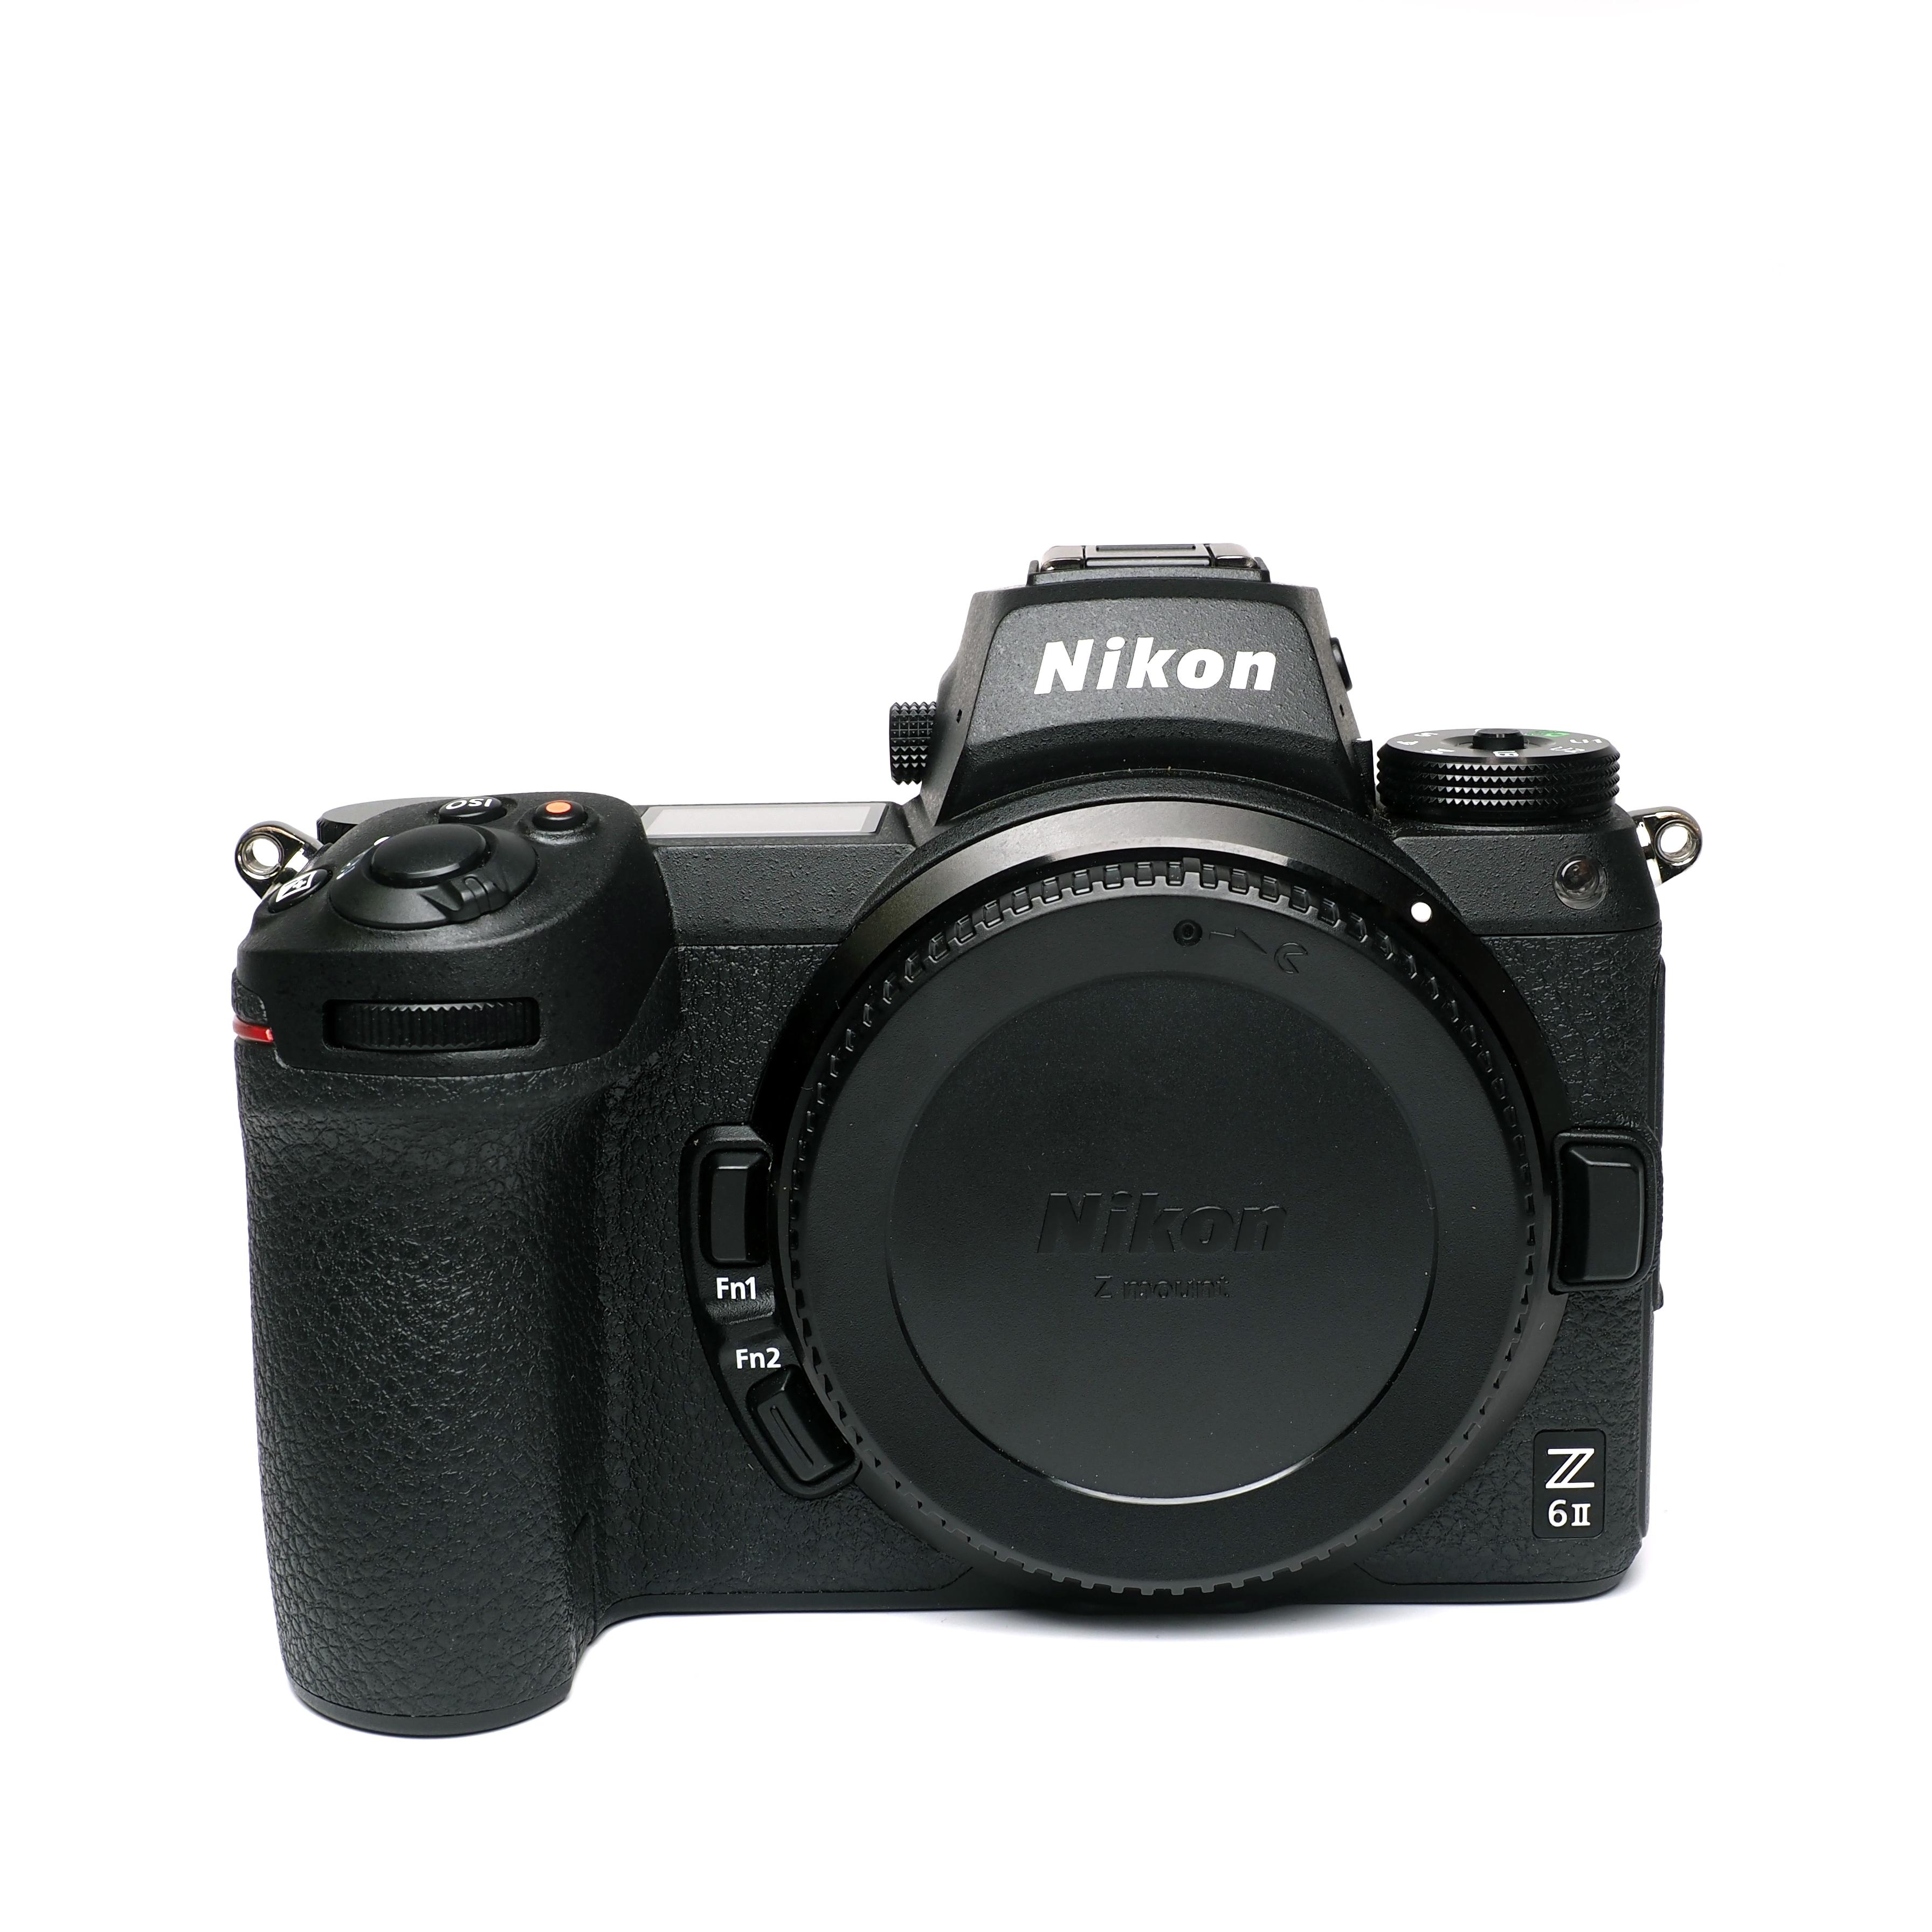 Nikon Z6 II kamerahus - BEGAGNAT